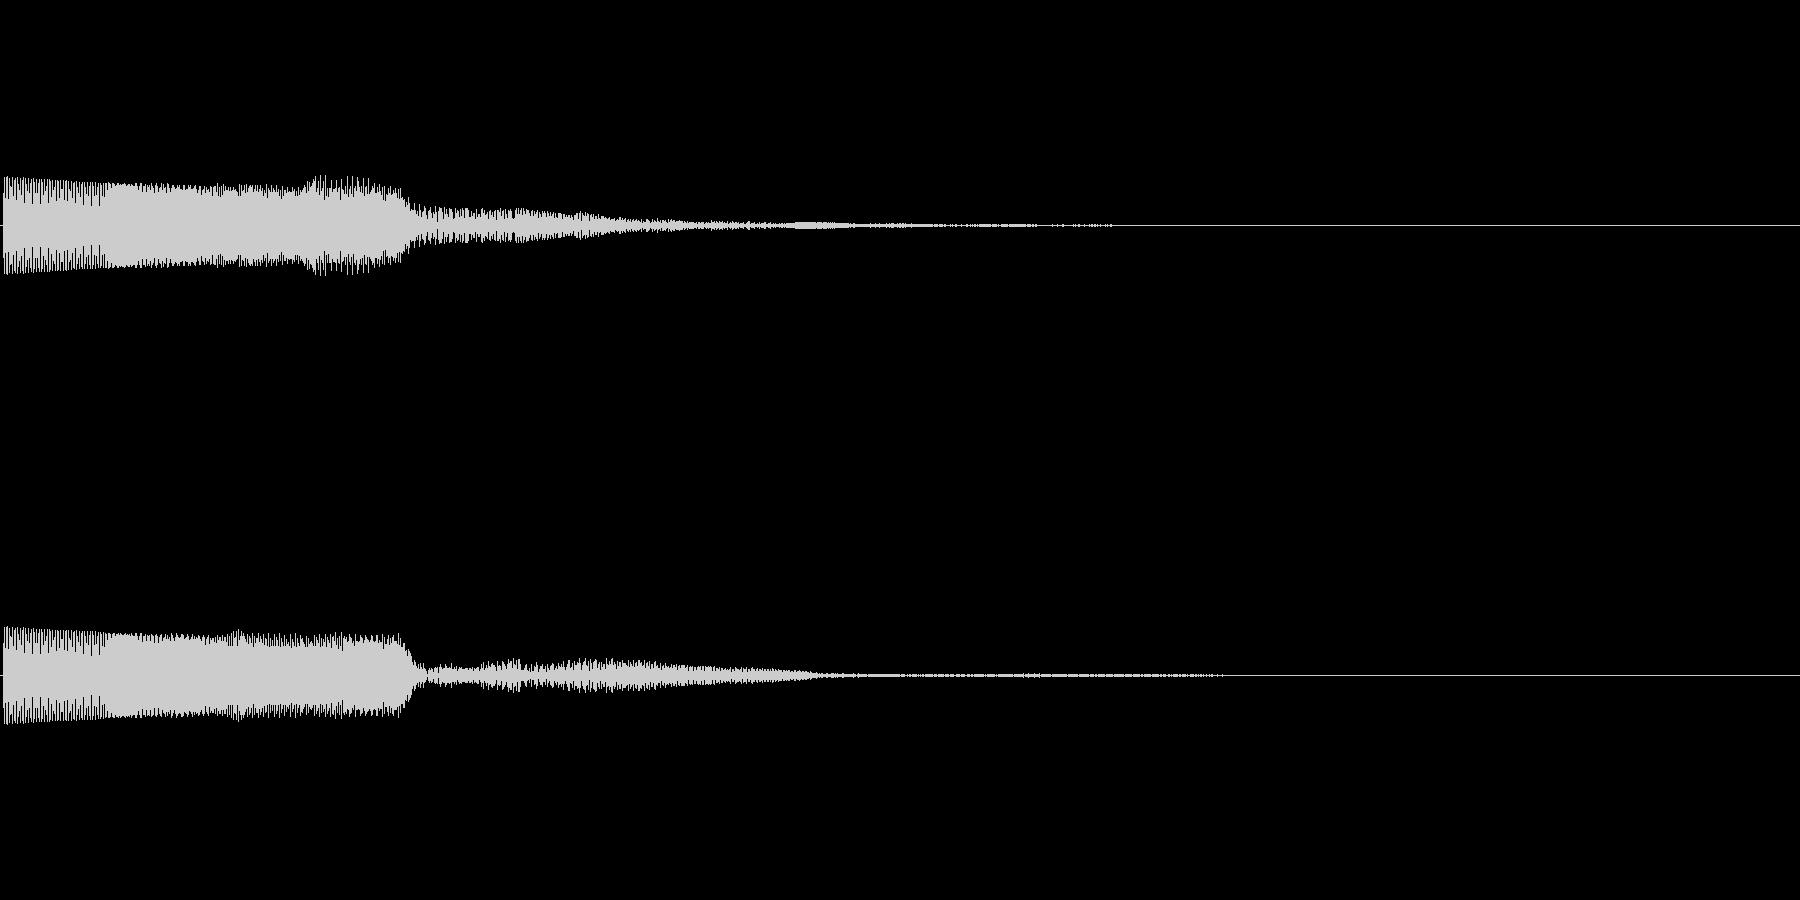 ピコーン(ゲーム・アプリ等の項目決定音)の未再生の波形